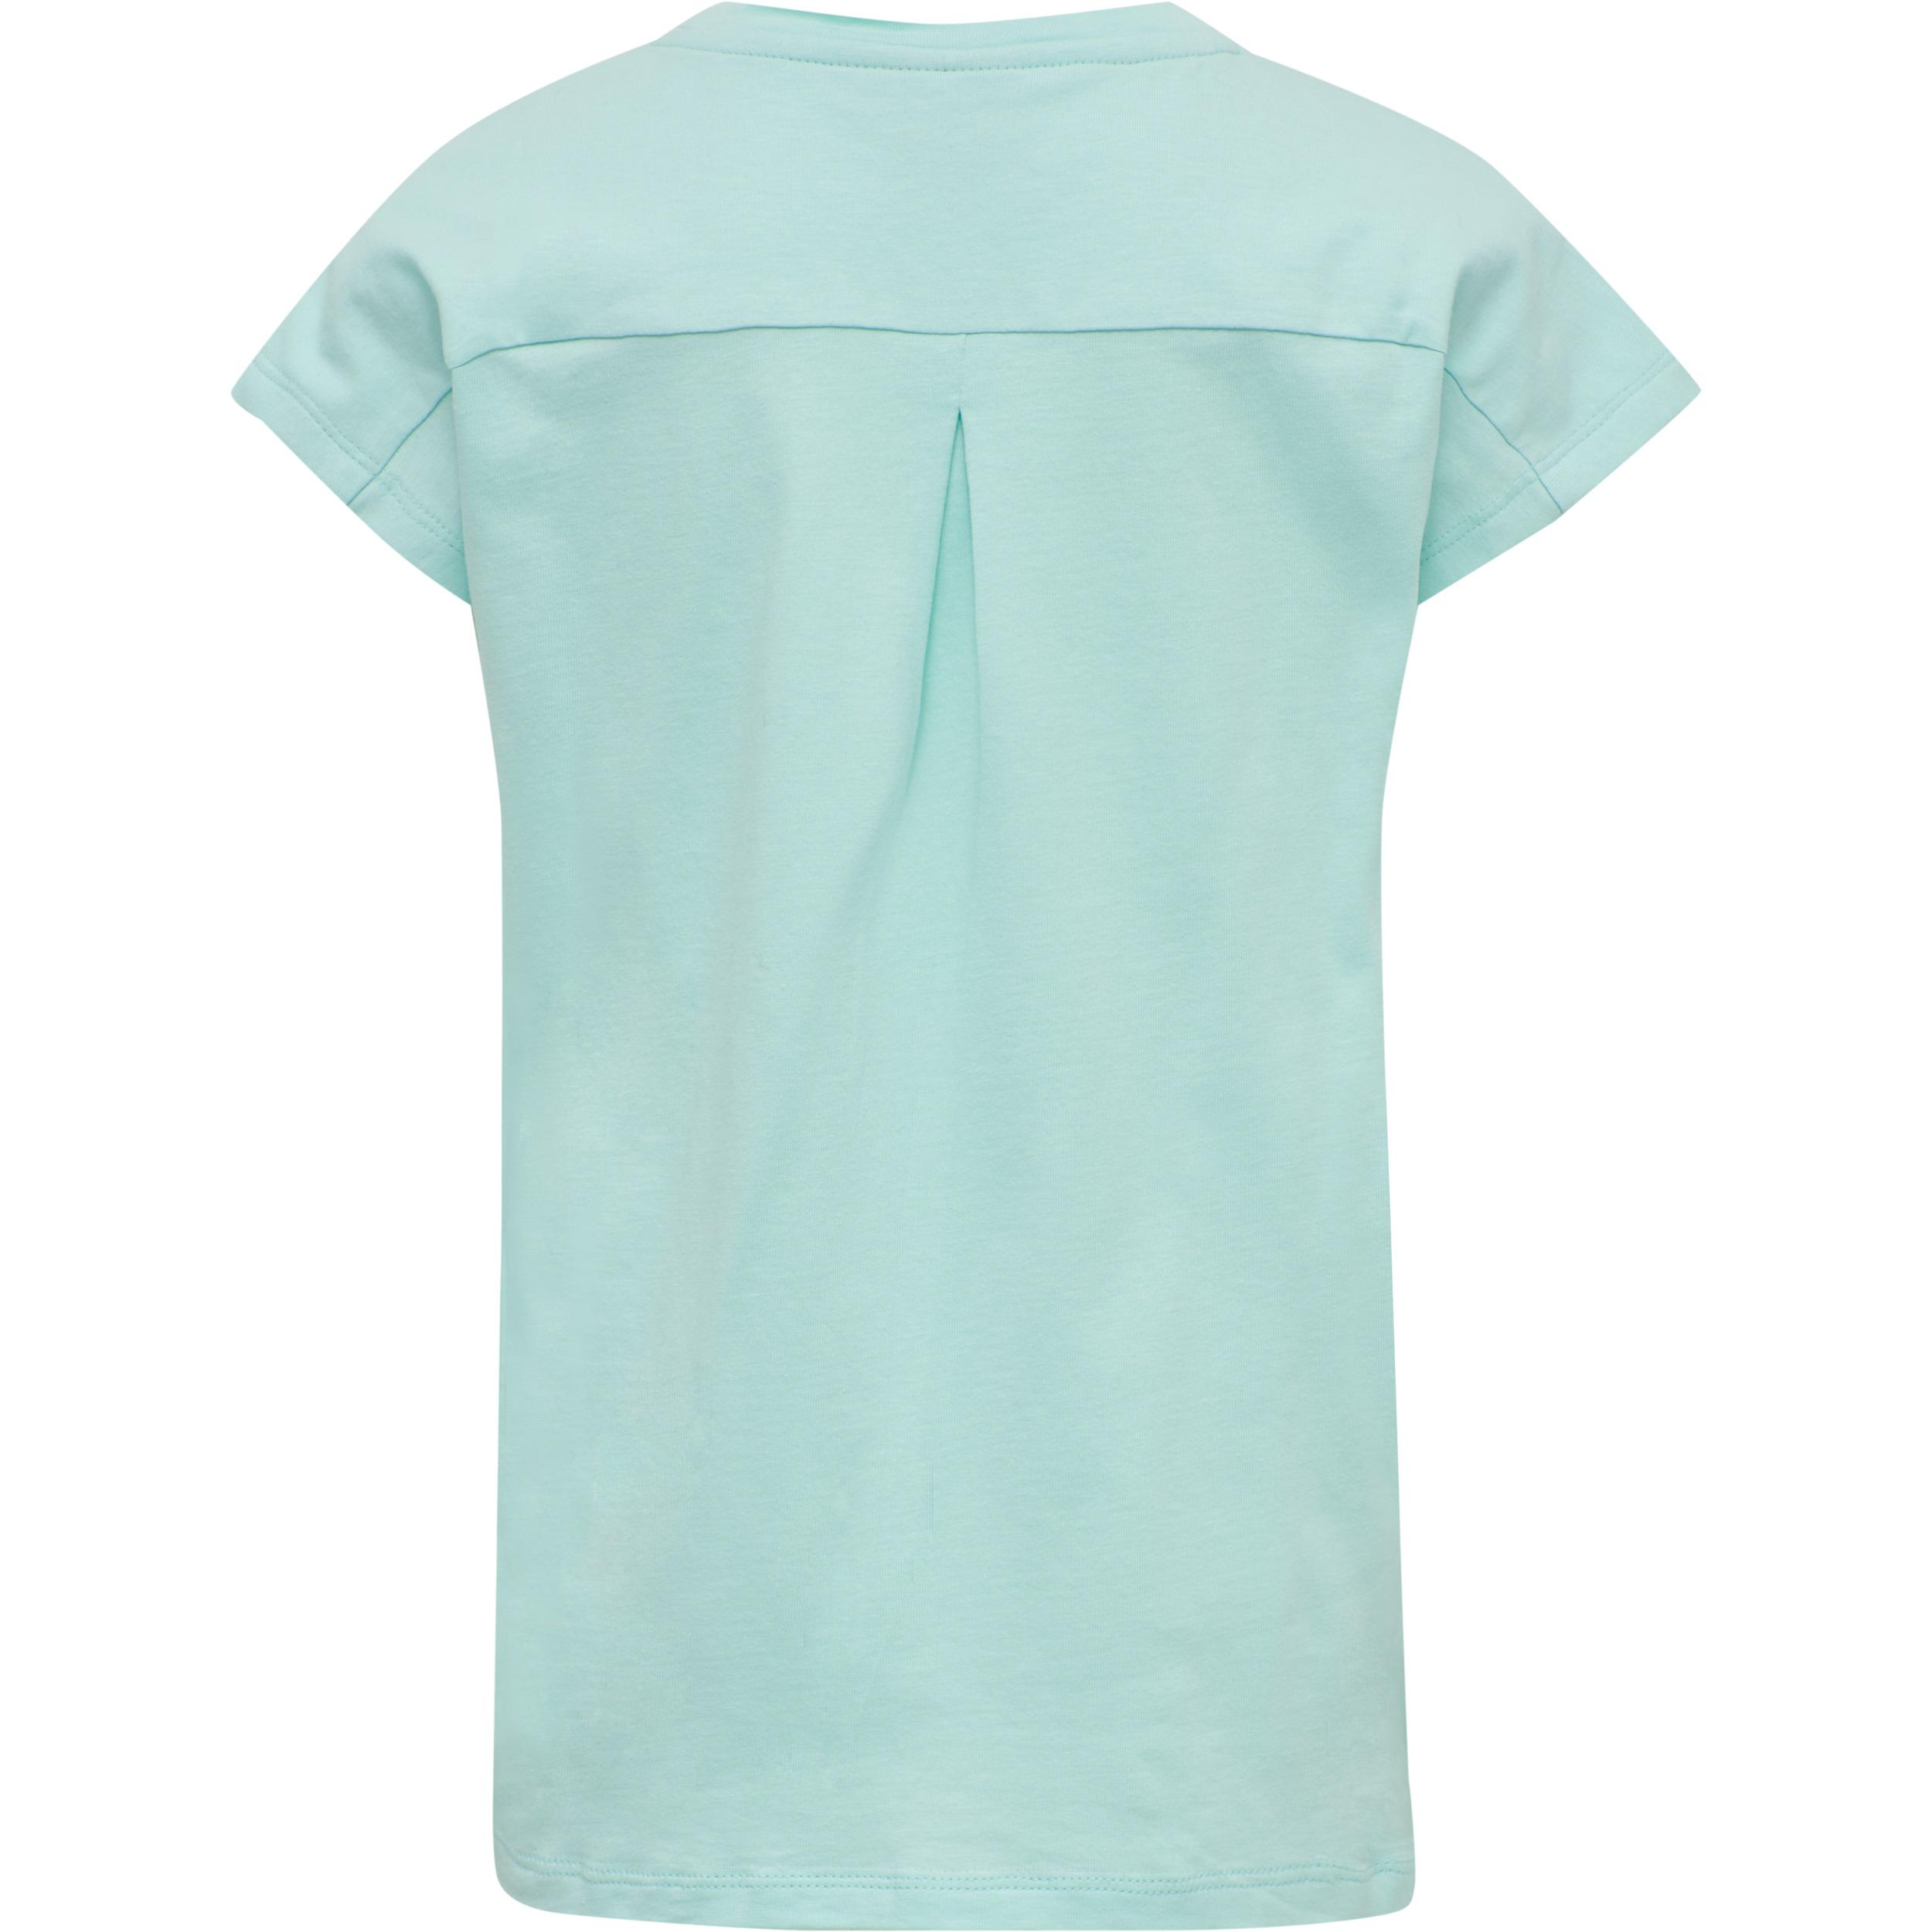 Hummel Hmldiez t-shirt, blue tint, 110